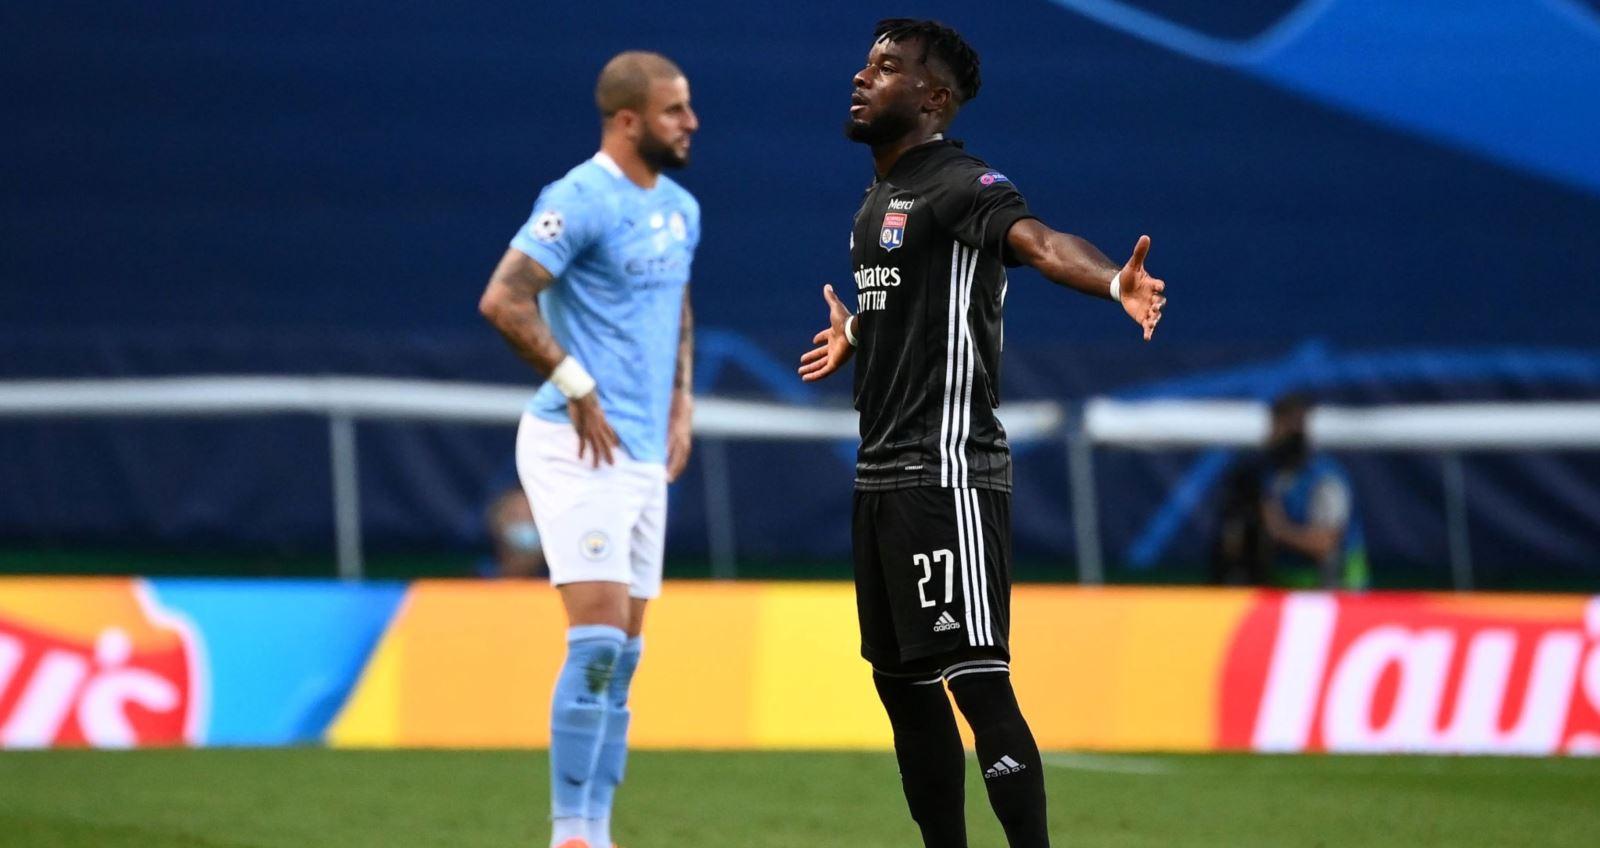 Kết quả bóng đá, Man City 1-3 Lyon, Kết quả tứ kết cúp C1 châu Âu, Kết quả Man City đấu với Lyon, Kết quả Man City vs Lyon, lịch thi đấu bán kết Champions League